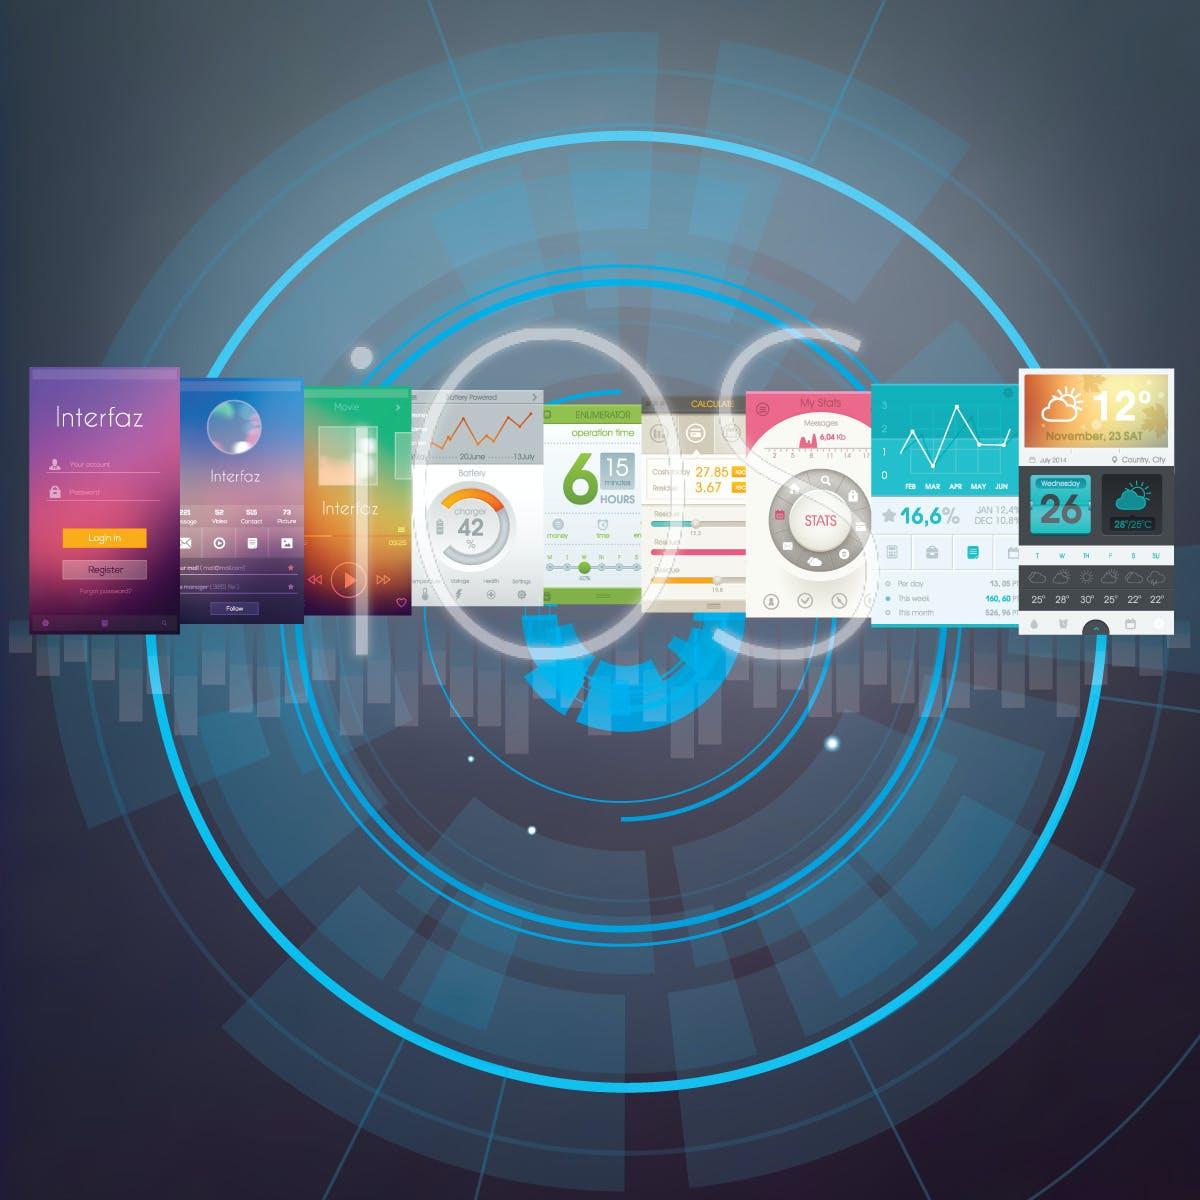 Interfaz de usuario en iOS